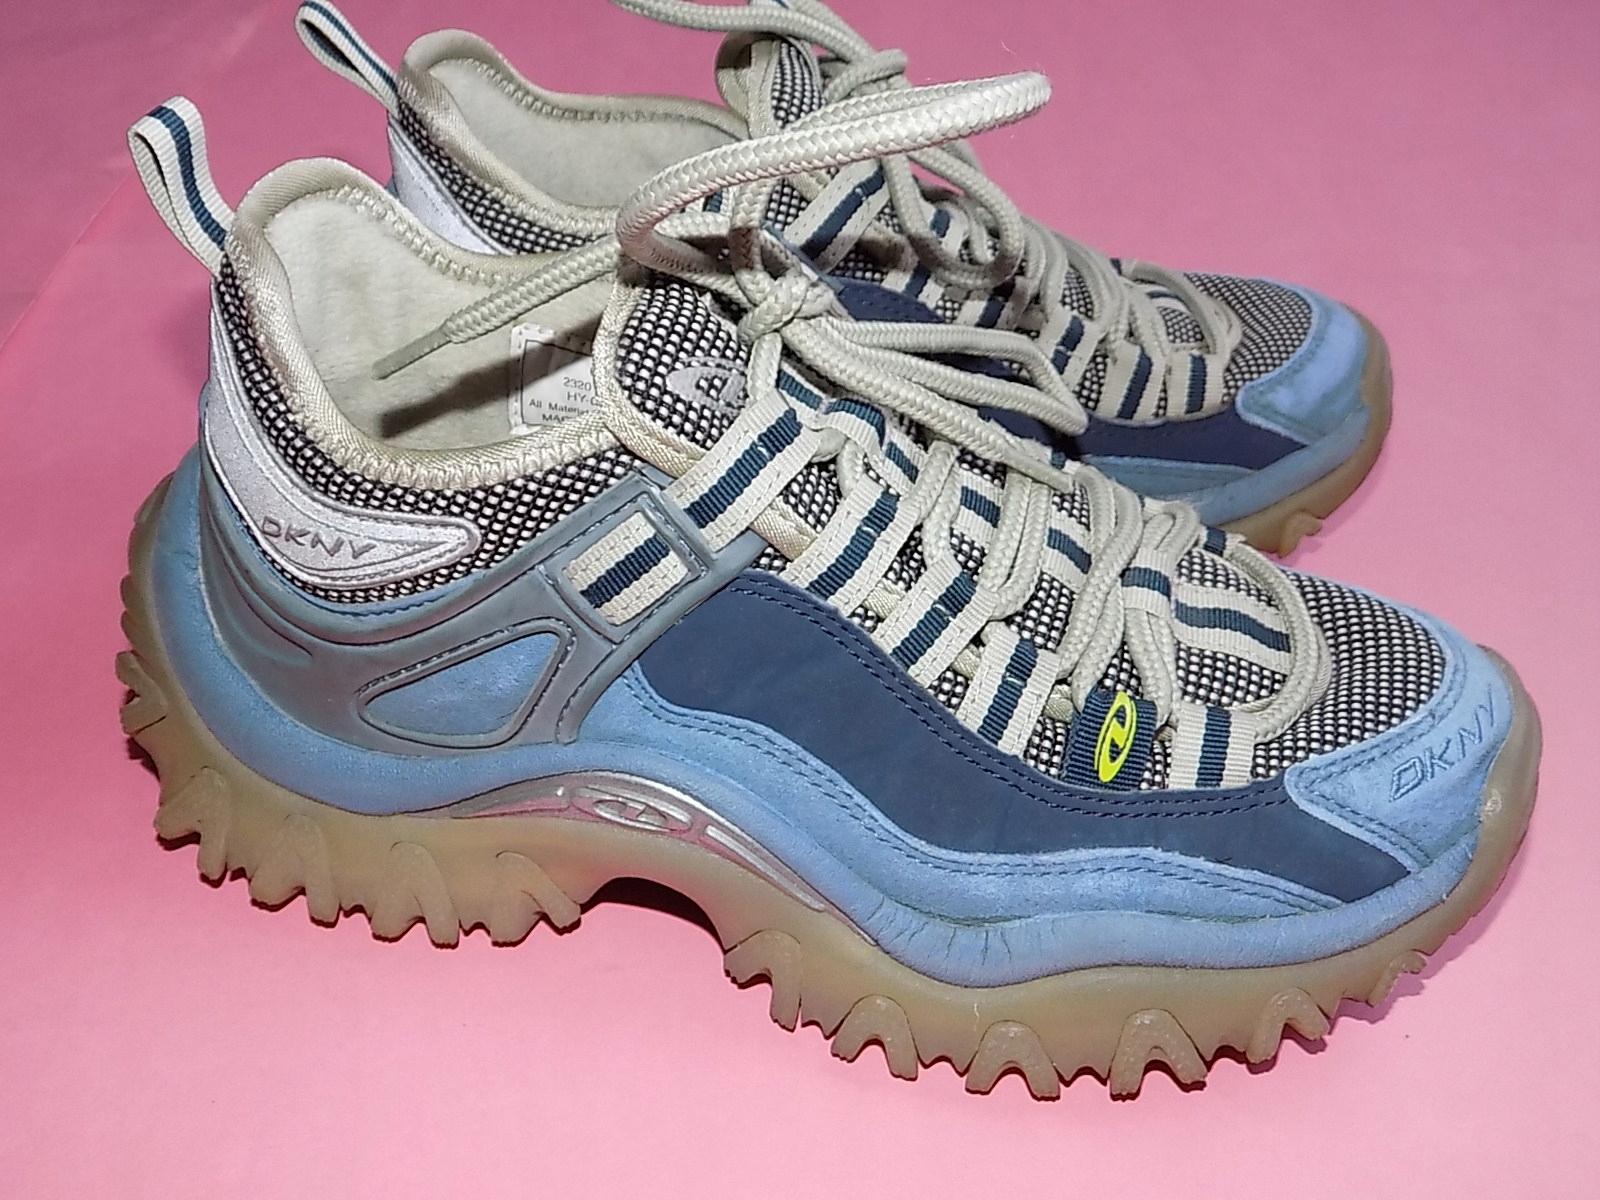 buty damskie 22 5 cm jaki